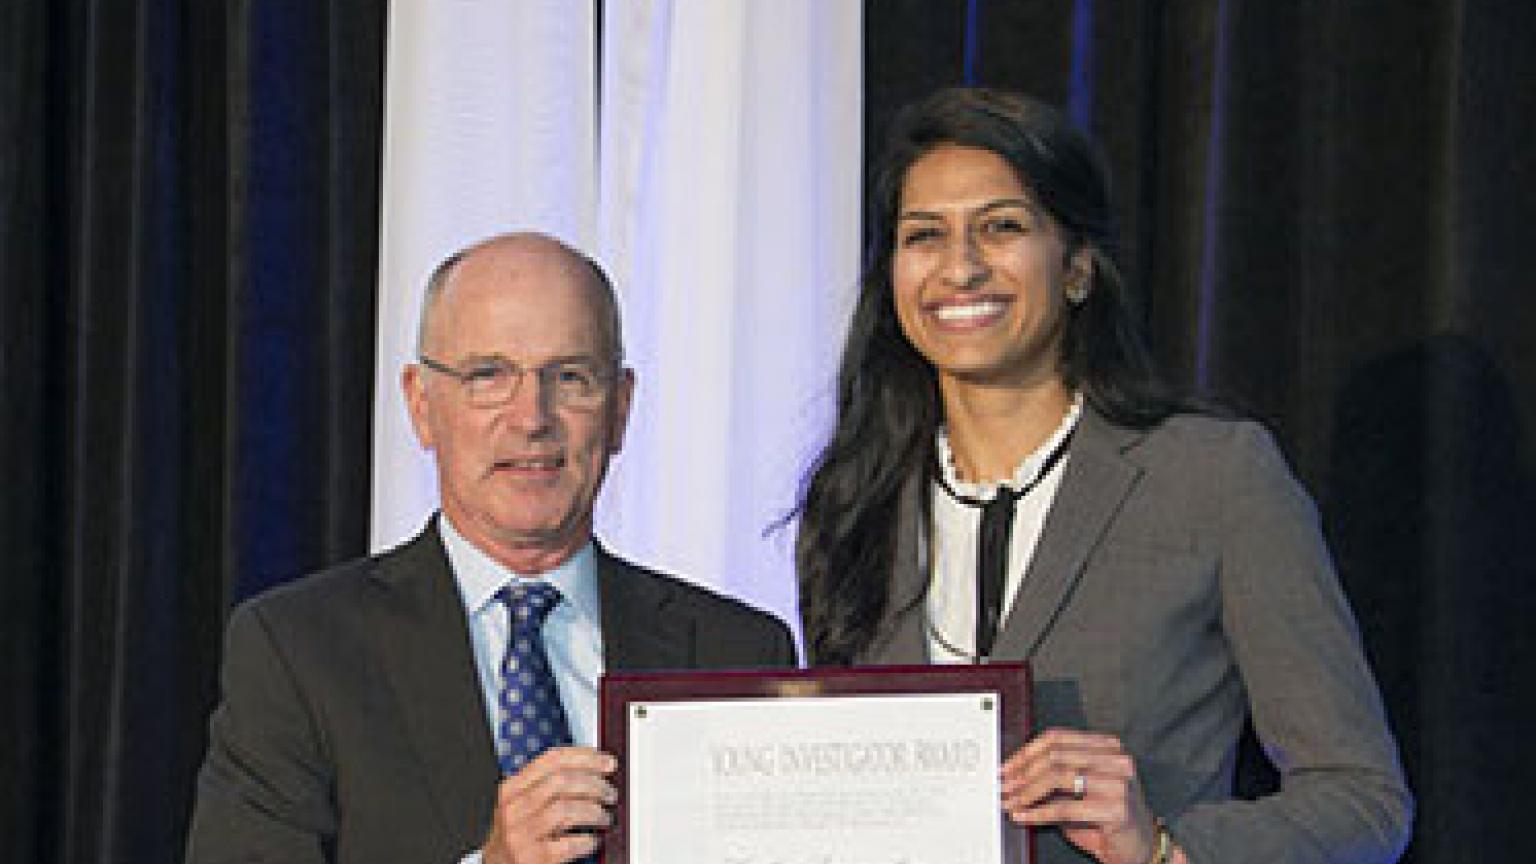 Dr. Mulholland and Kavitha Ranganathan, MD